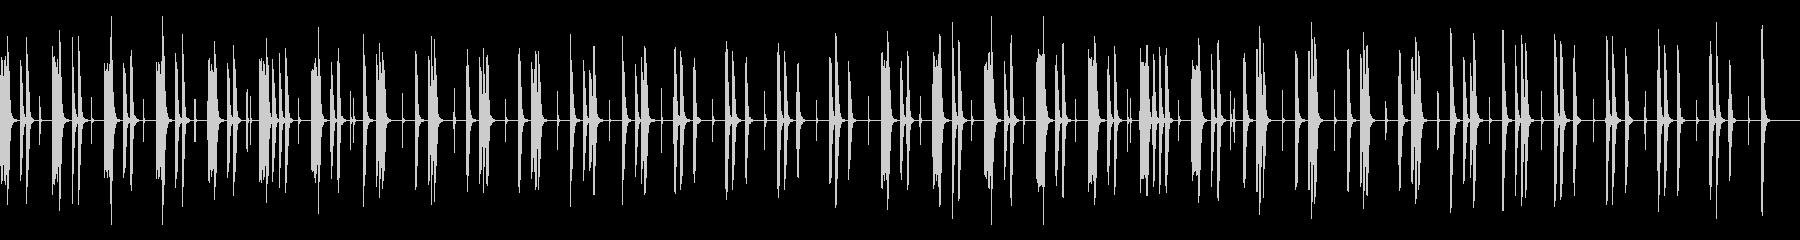 ほのぼの、日常、トーク、ゆるいの未再生の波形